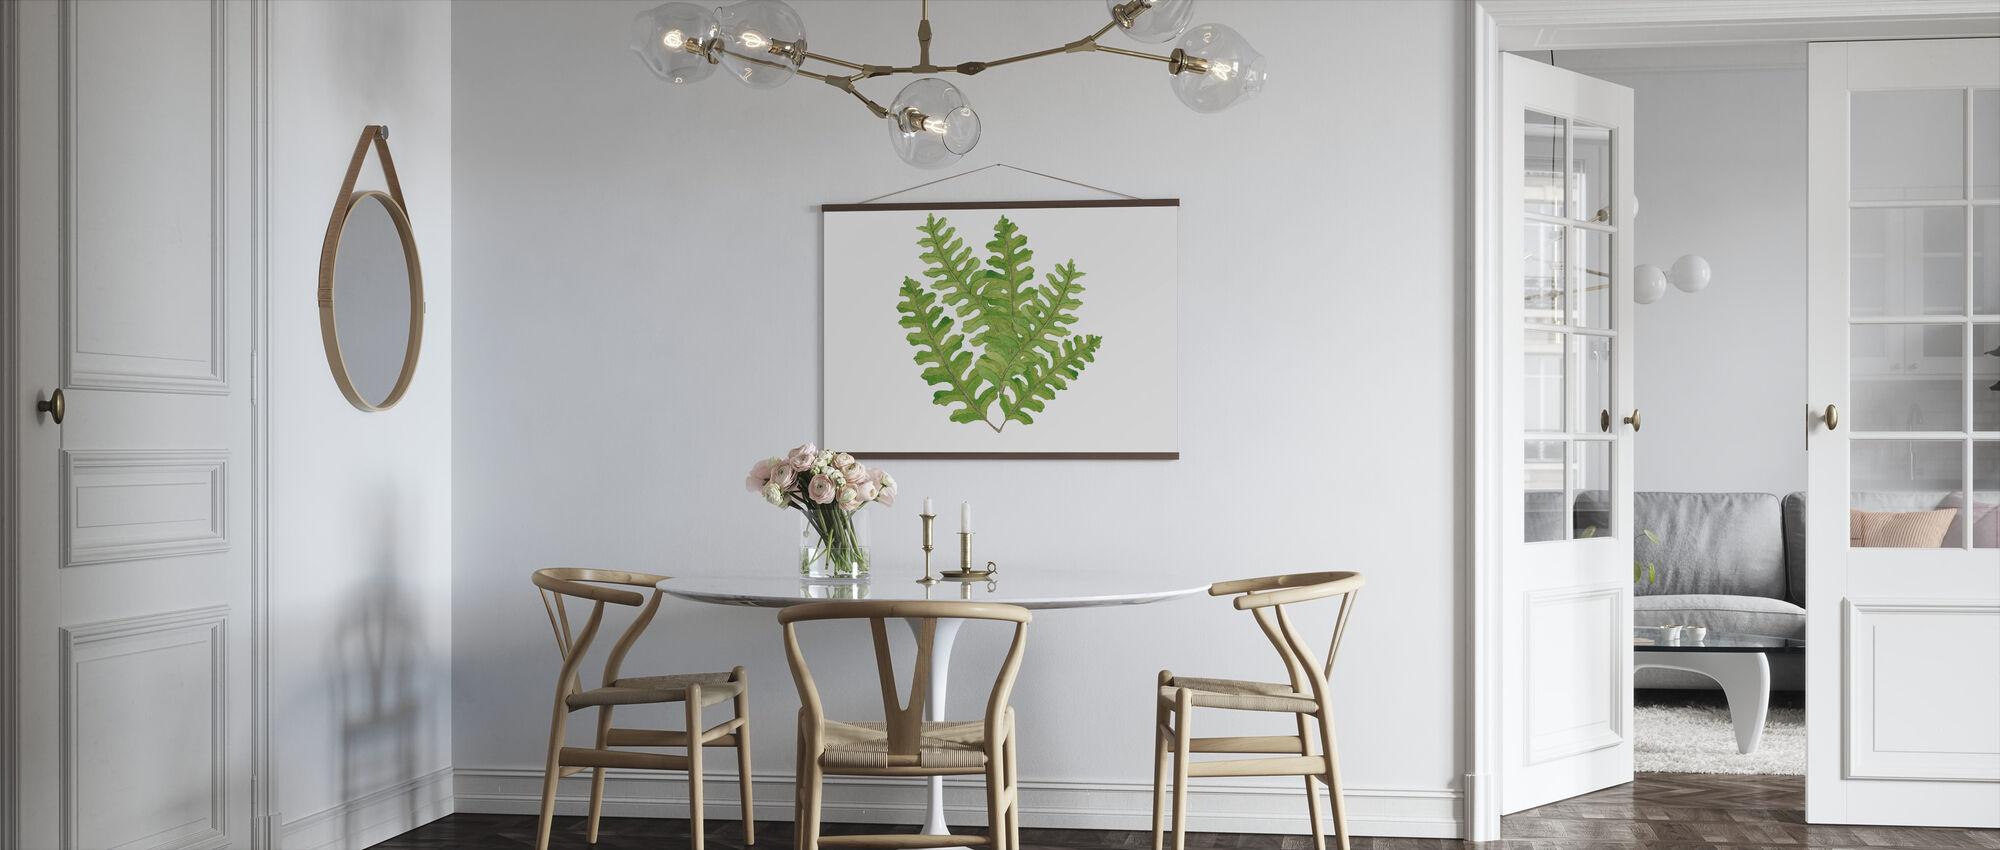 Plante Frodige III - Plakat - Køkken